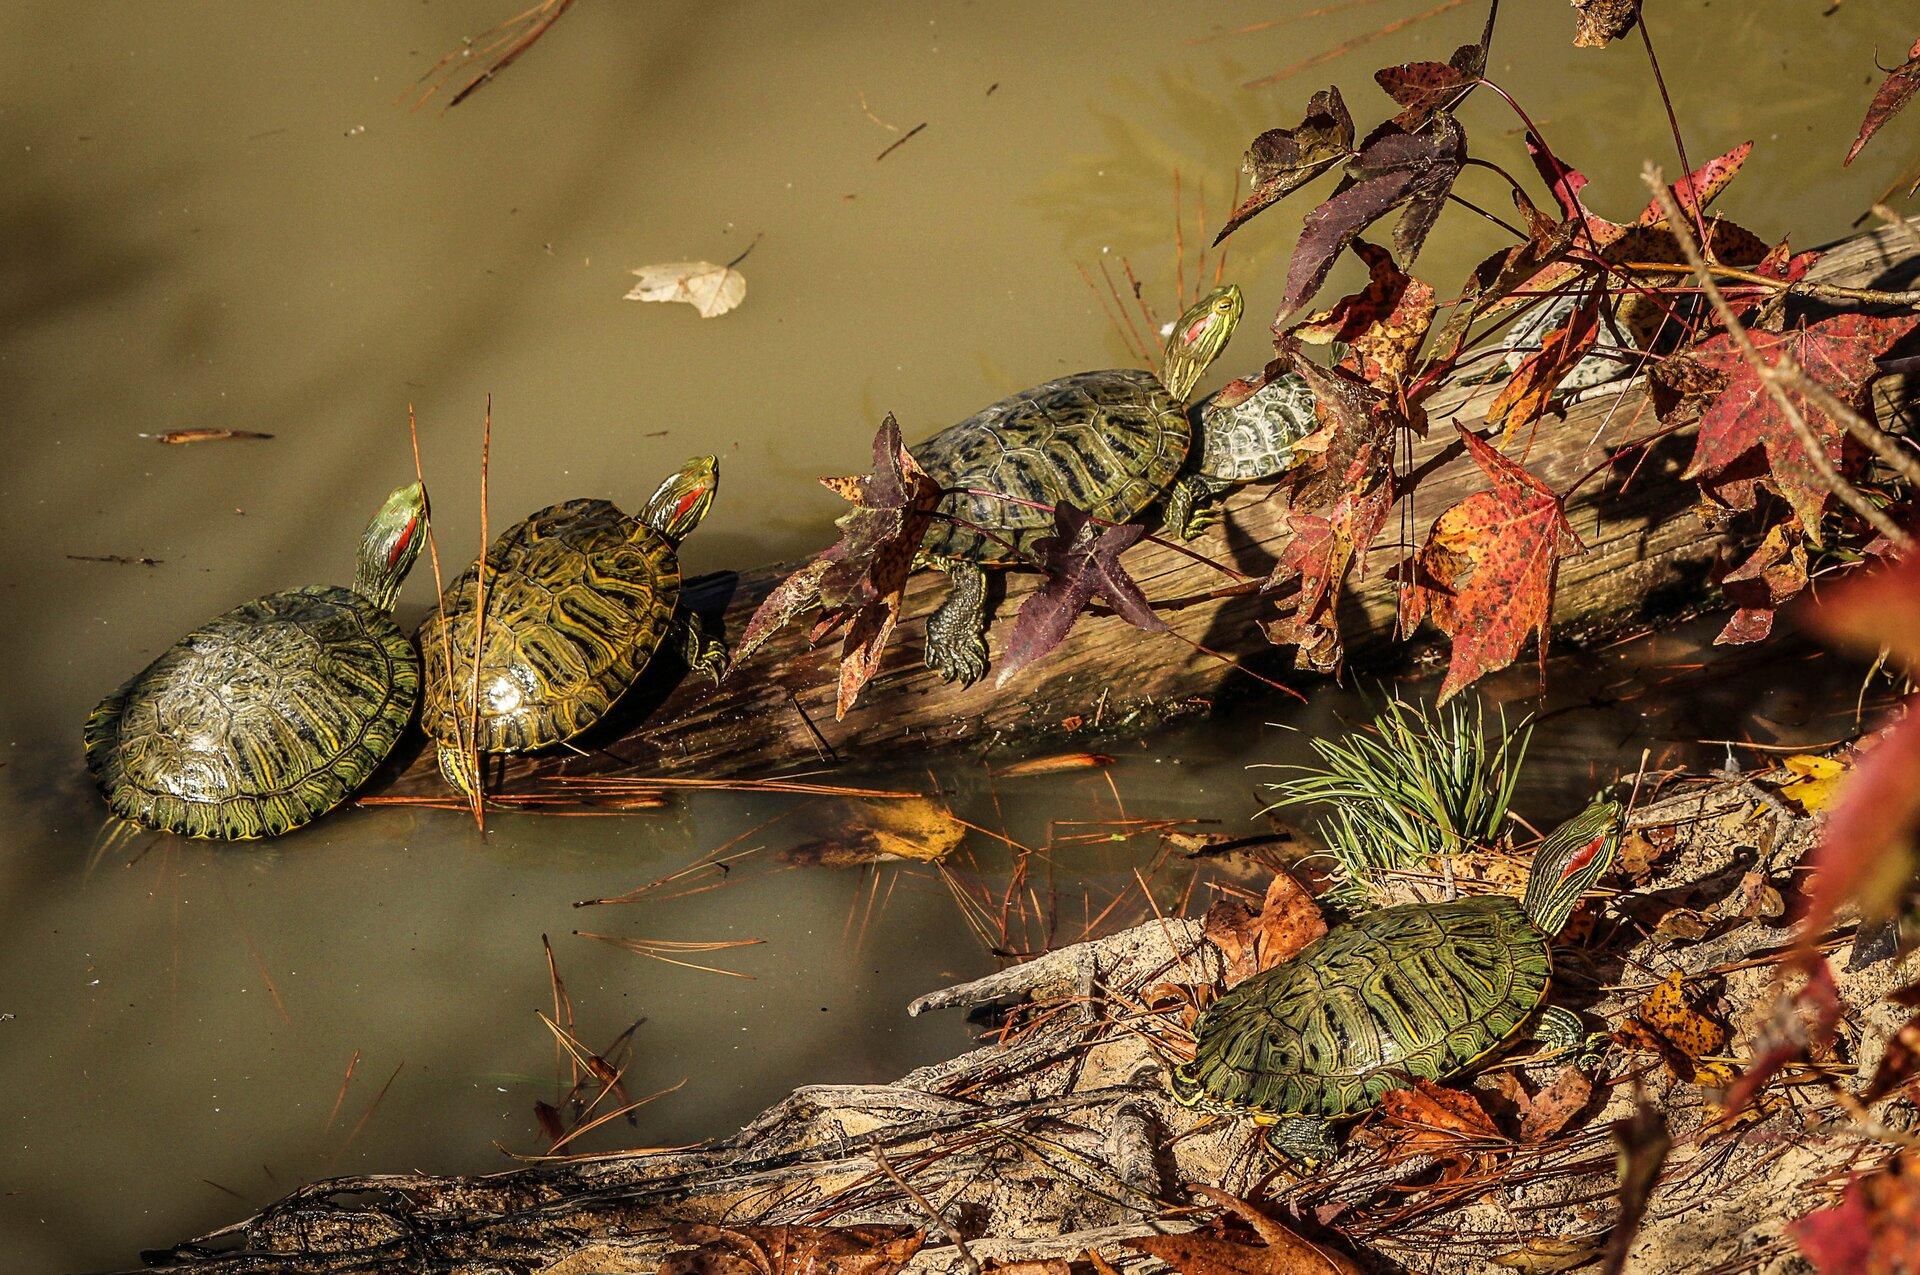 Żółwie - fotografia do galerii Źródło: licencja: CC 0.